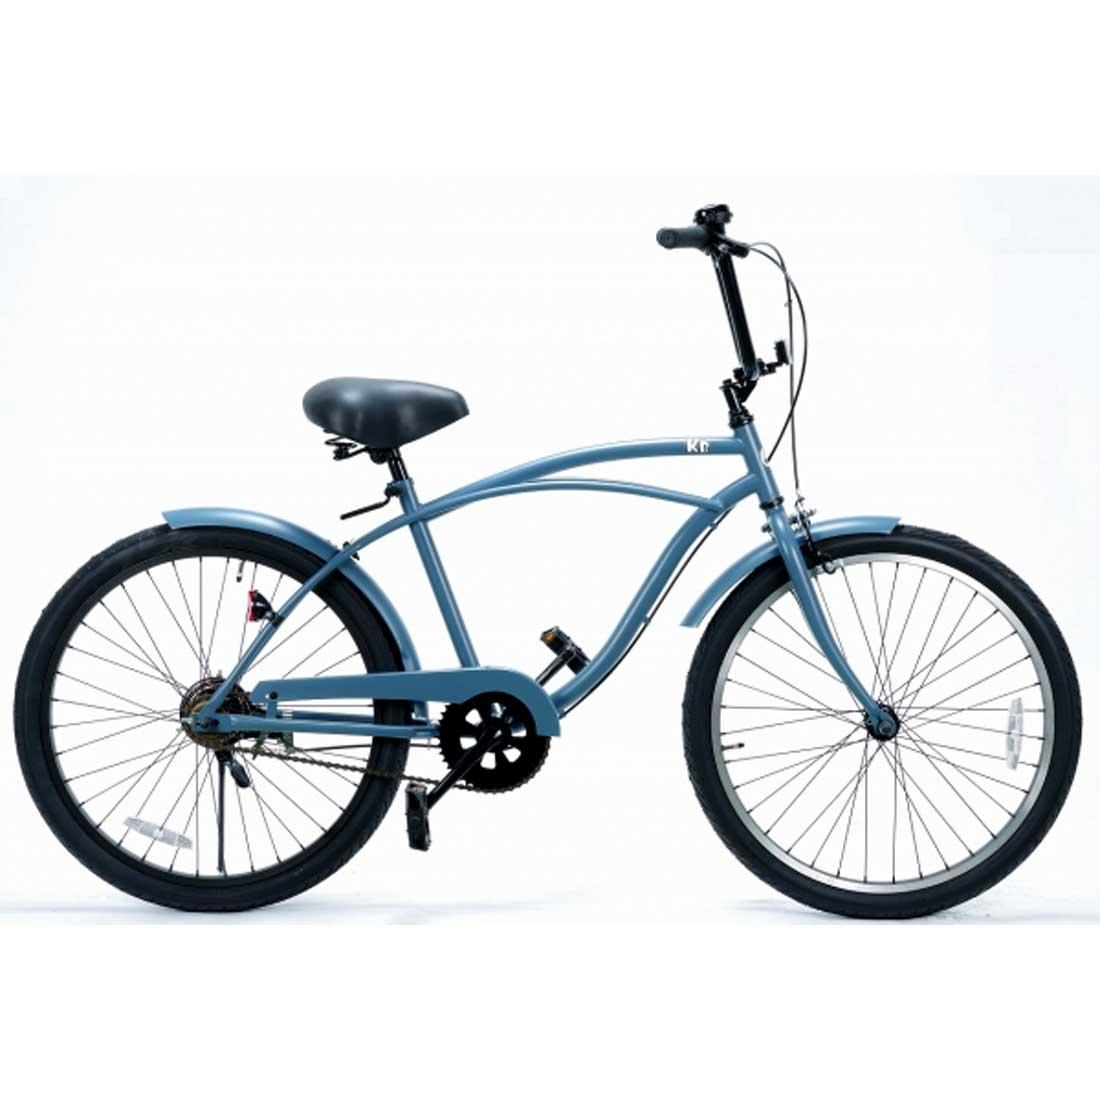 レインボー ビーチクルーザー 24インチ おしゃれ 自転車 通勤 通学 メンズ レディース ジュニア 24KB-1SPEED バトルシップグレー